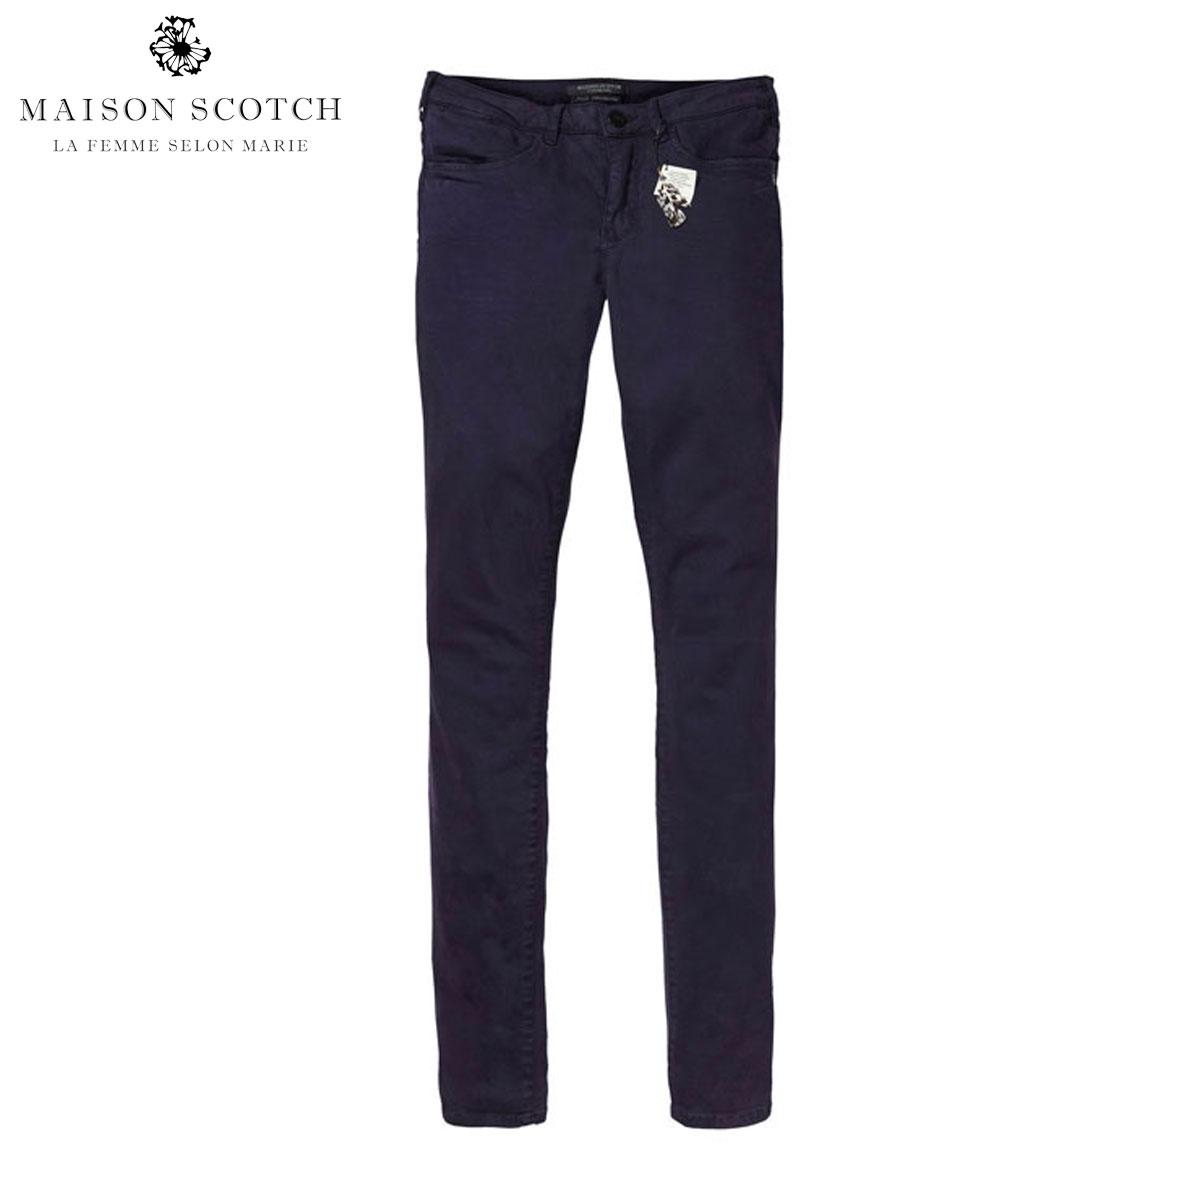 メゾンスコッチ MAISON SCOTCH 正規販売店 レディース ロングパンツ Garment dyed 'Bohemienne' skinny pants in sateen quality 131396 58 D00S20